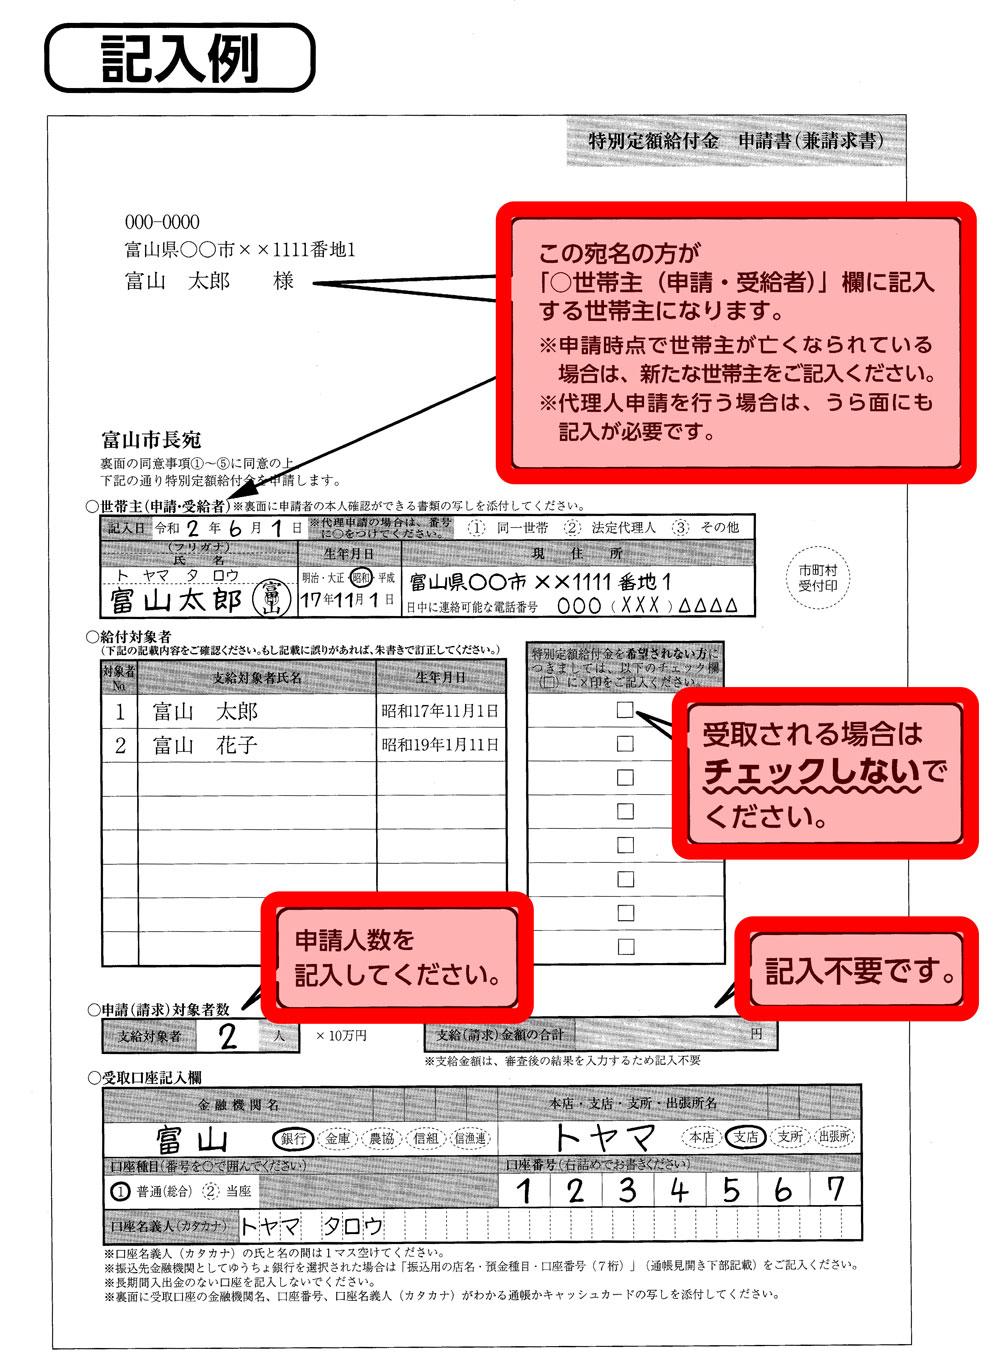 富山市の特別定額給付金の申請書類の記入例